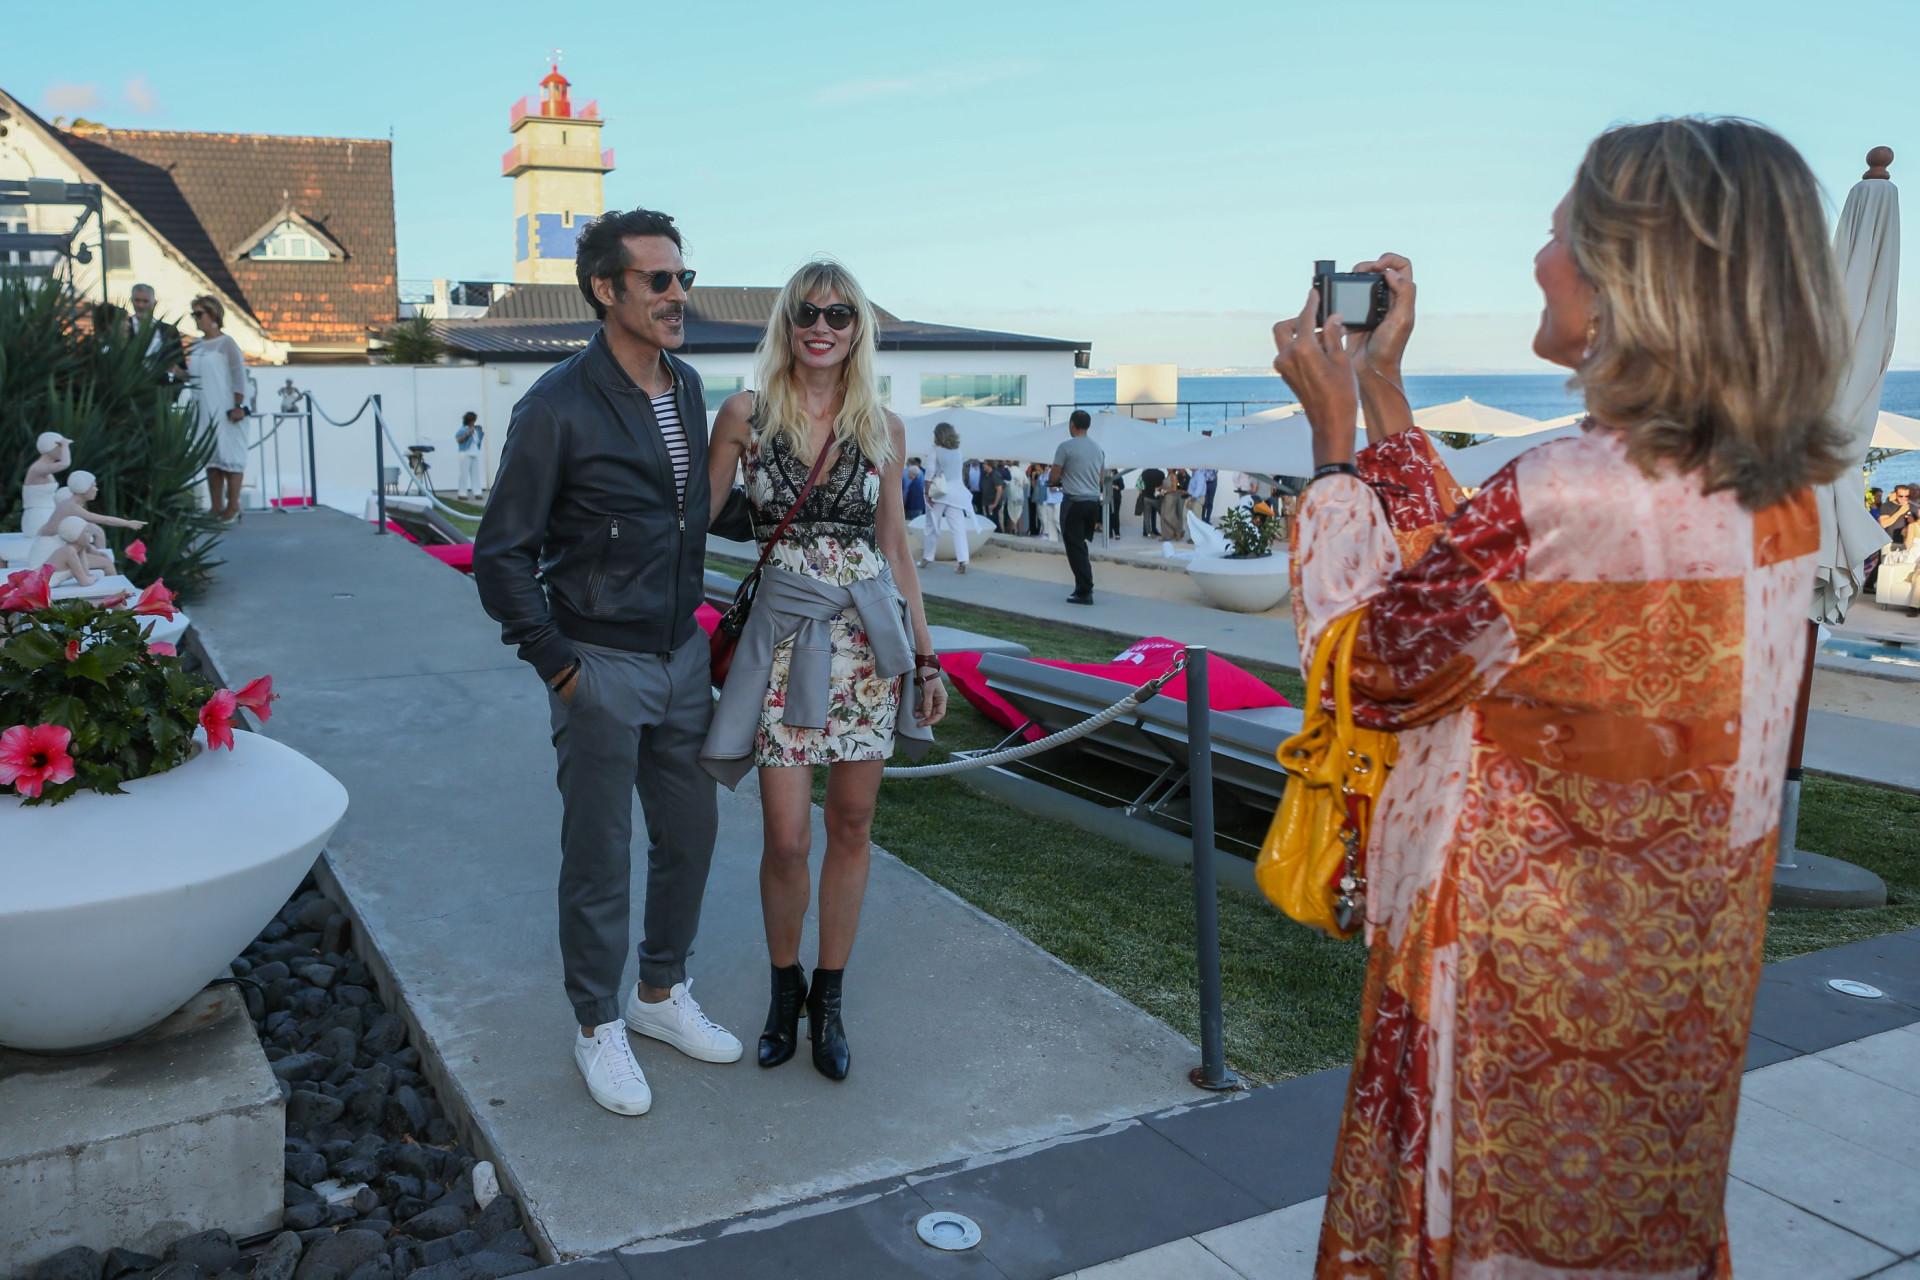 Festa de verão: O look dos famosos